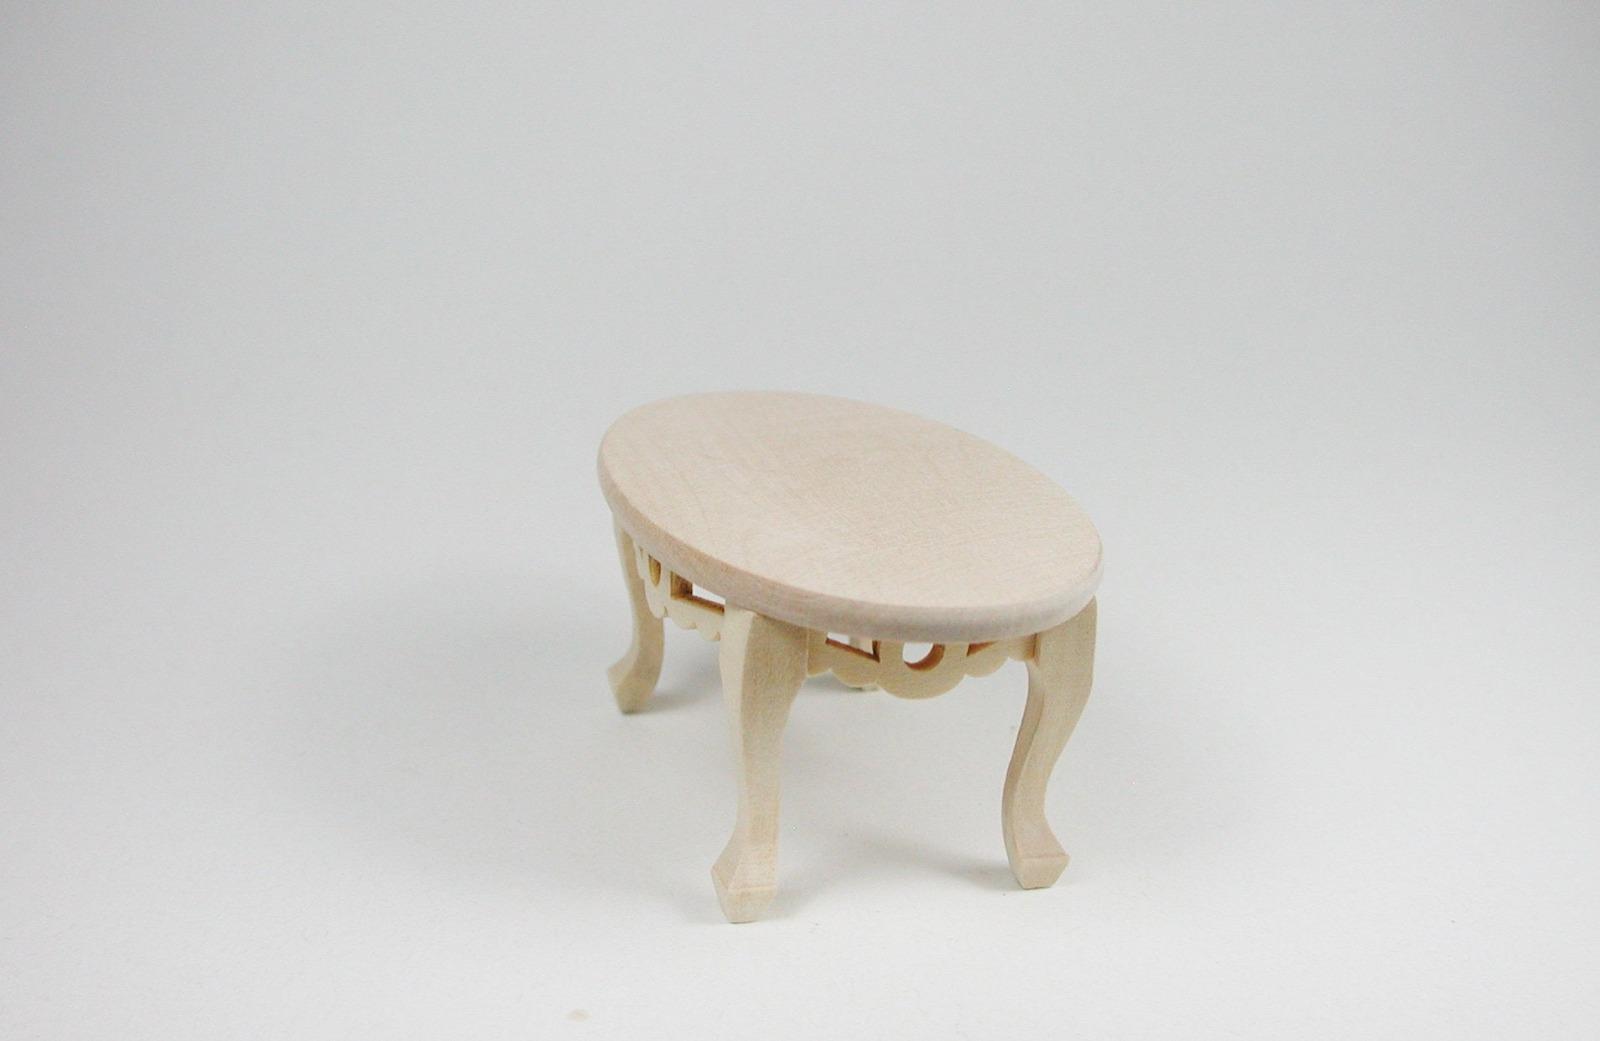 Tisch oval Couchtisch 1:12 Miniatur 2